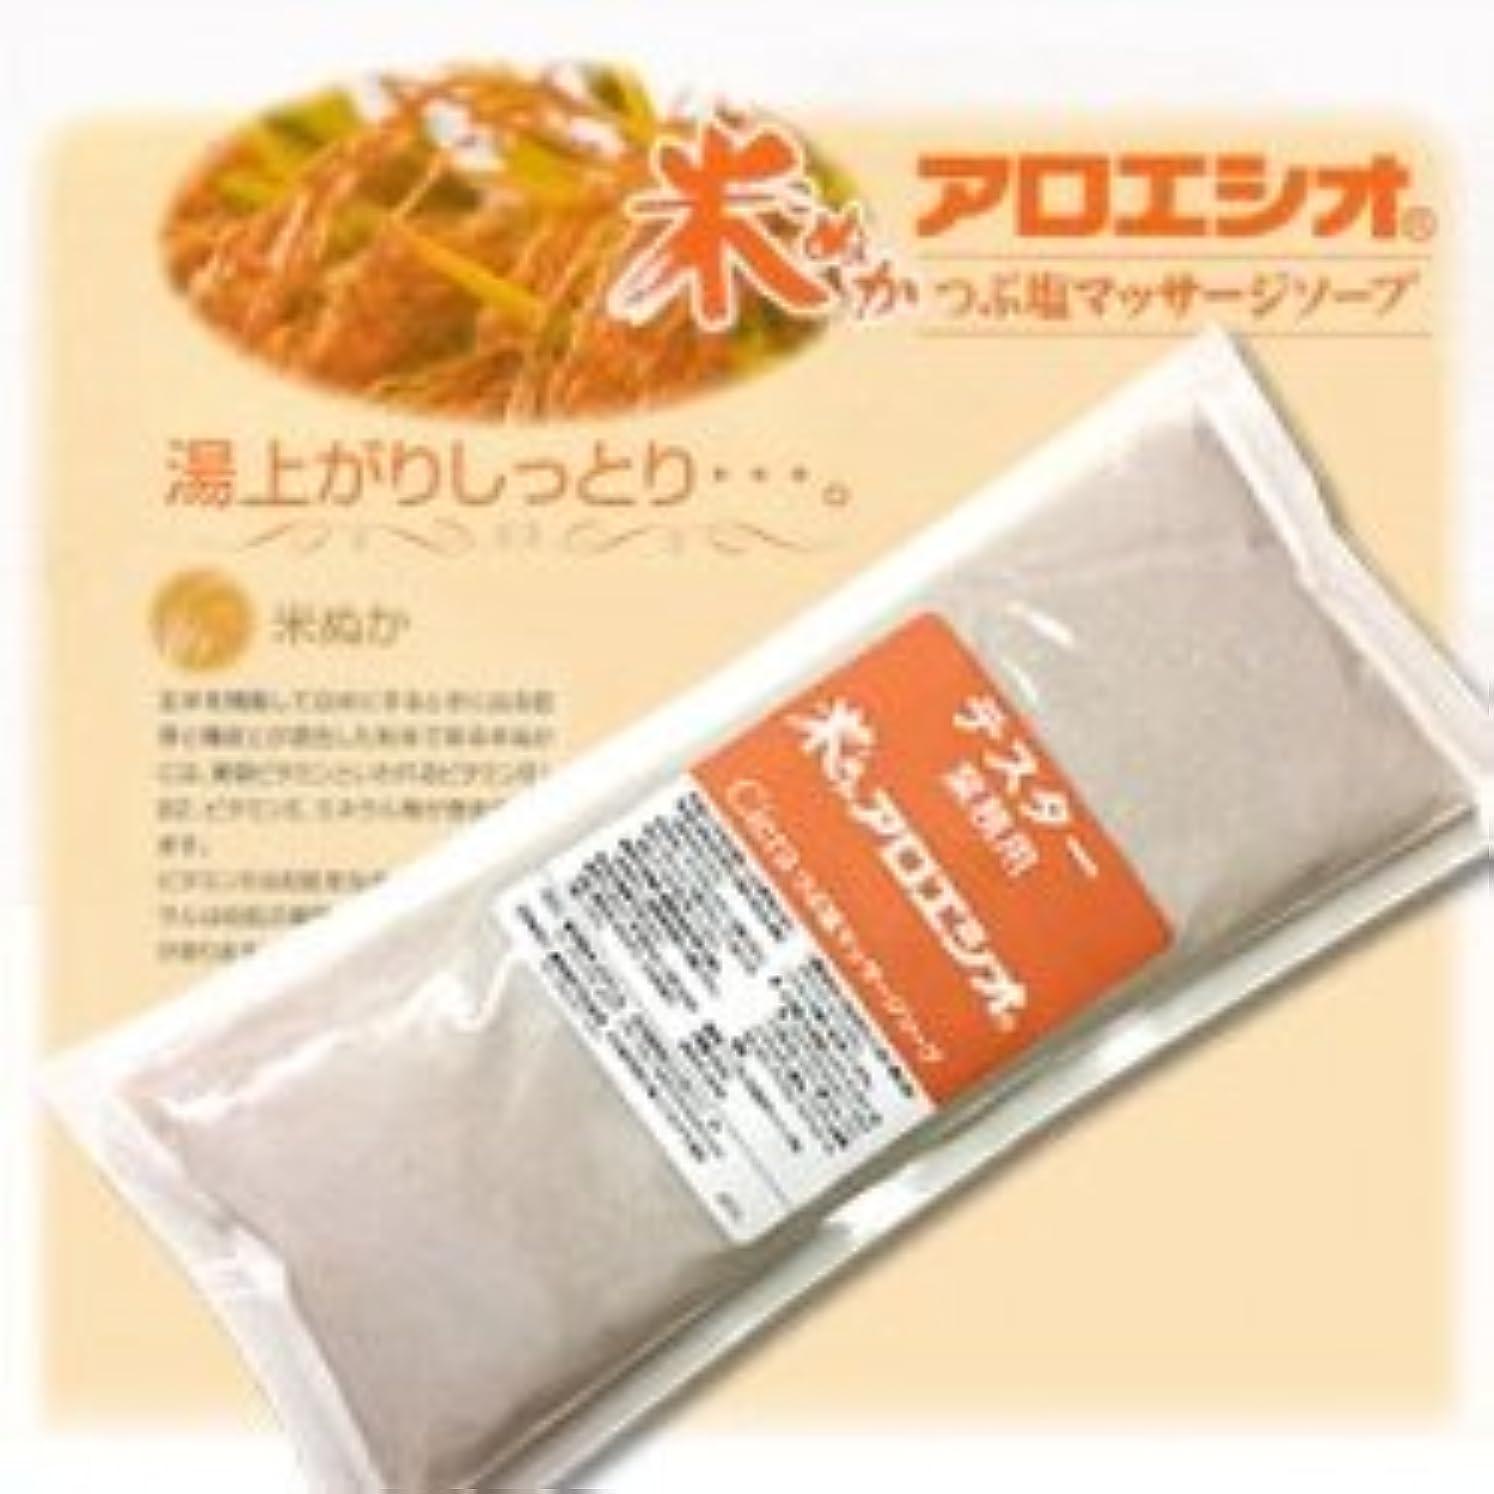 教養があるロックグリル業務用米ぬかアロエ塩 800g つぶ塩マッサージソープ/ フタバ化学 アロエシオ Ciera